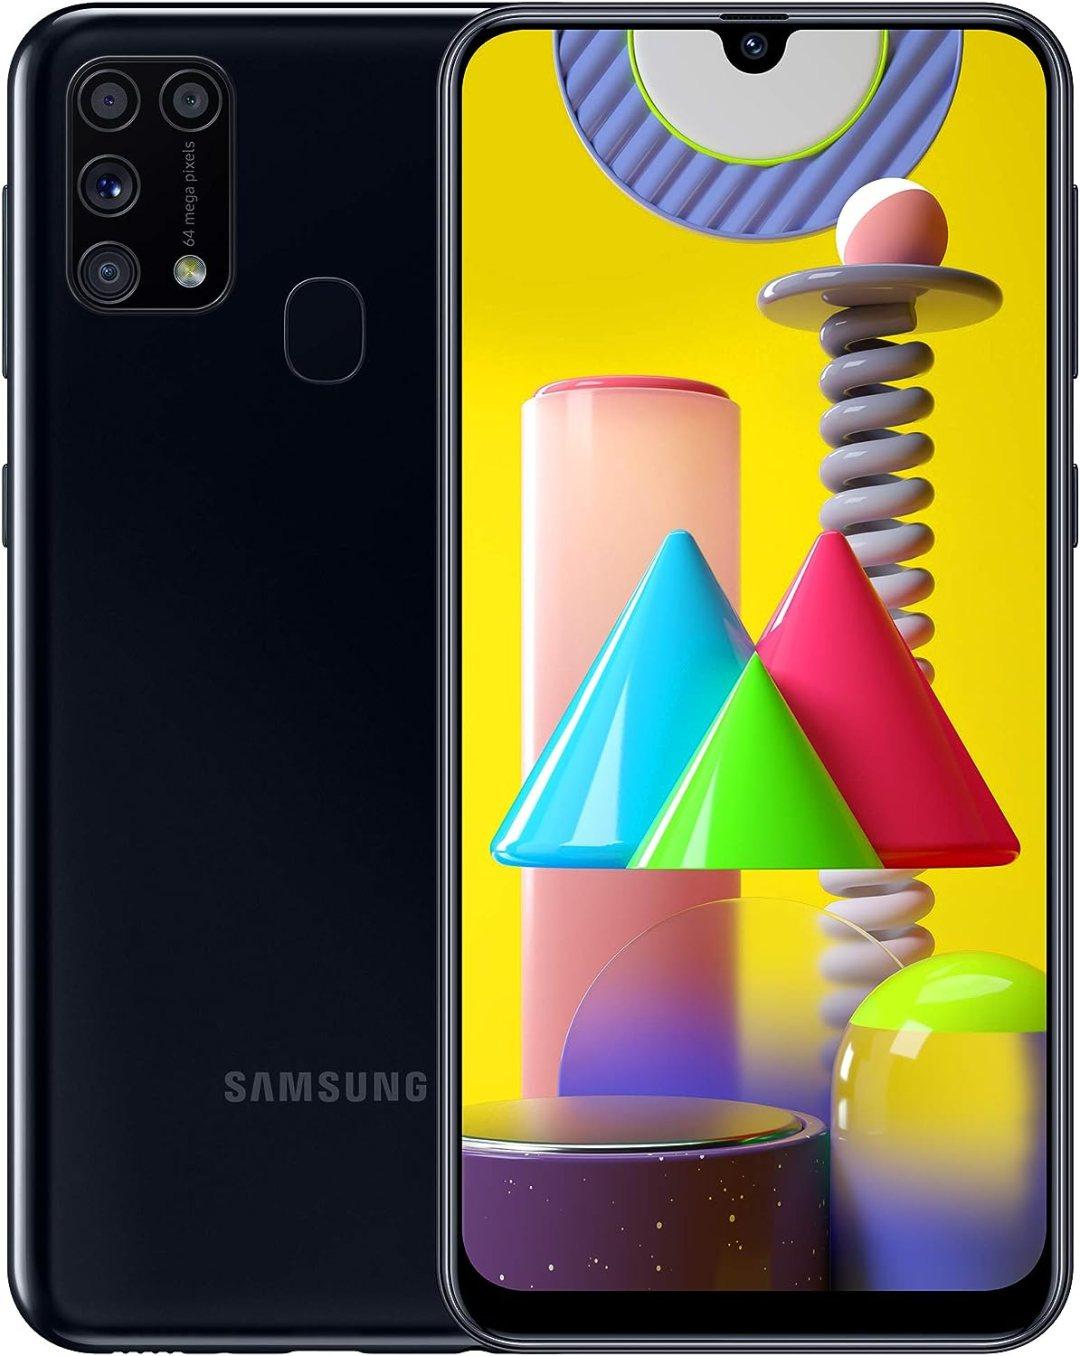 SAMSUNG Galaxy M31 - Smartphone Portable débloqué 4G (Ecran 6,4 pouces - 64 Go - Double Nano-SIM - Android) - Version Française - Noir